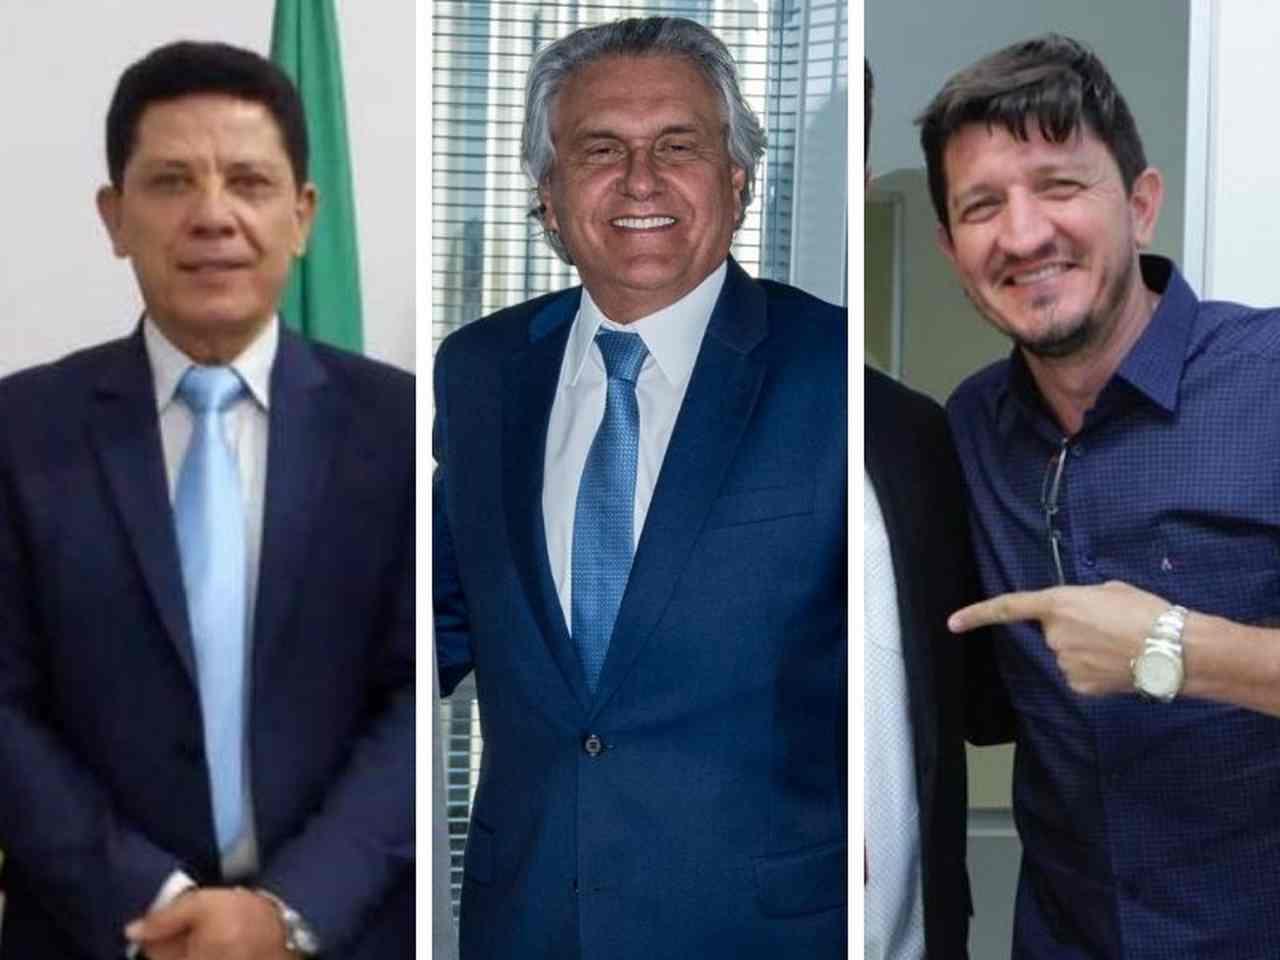 Governador Ronaldo Caiado (DEM) entre o vereador Nascimento (DEM) e o deputado federal Glaustin da Fokus (PSC): quem será o adversário de Mendanha em 2020 | Foto: Reprodução